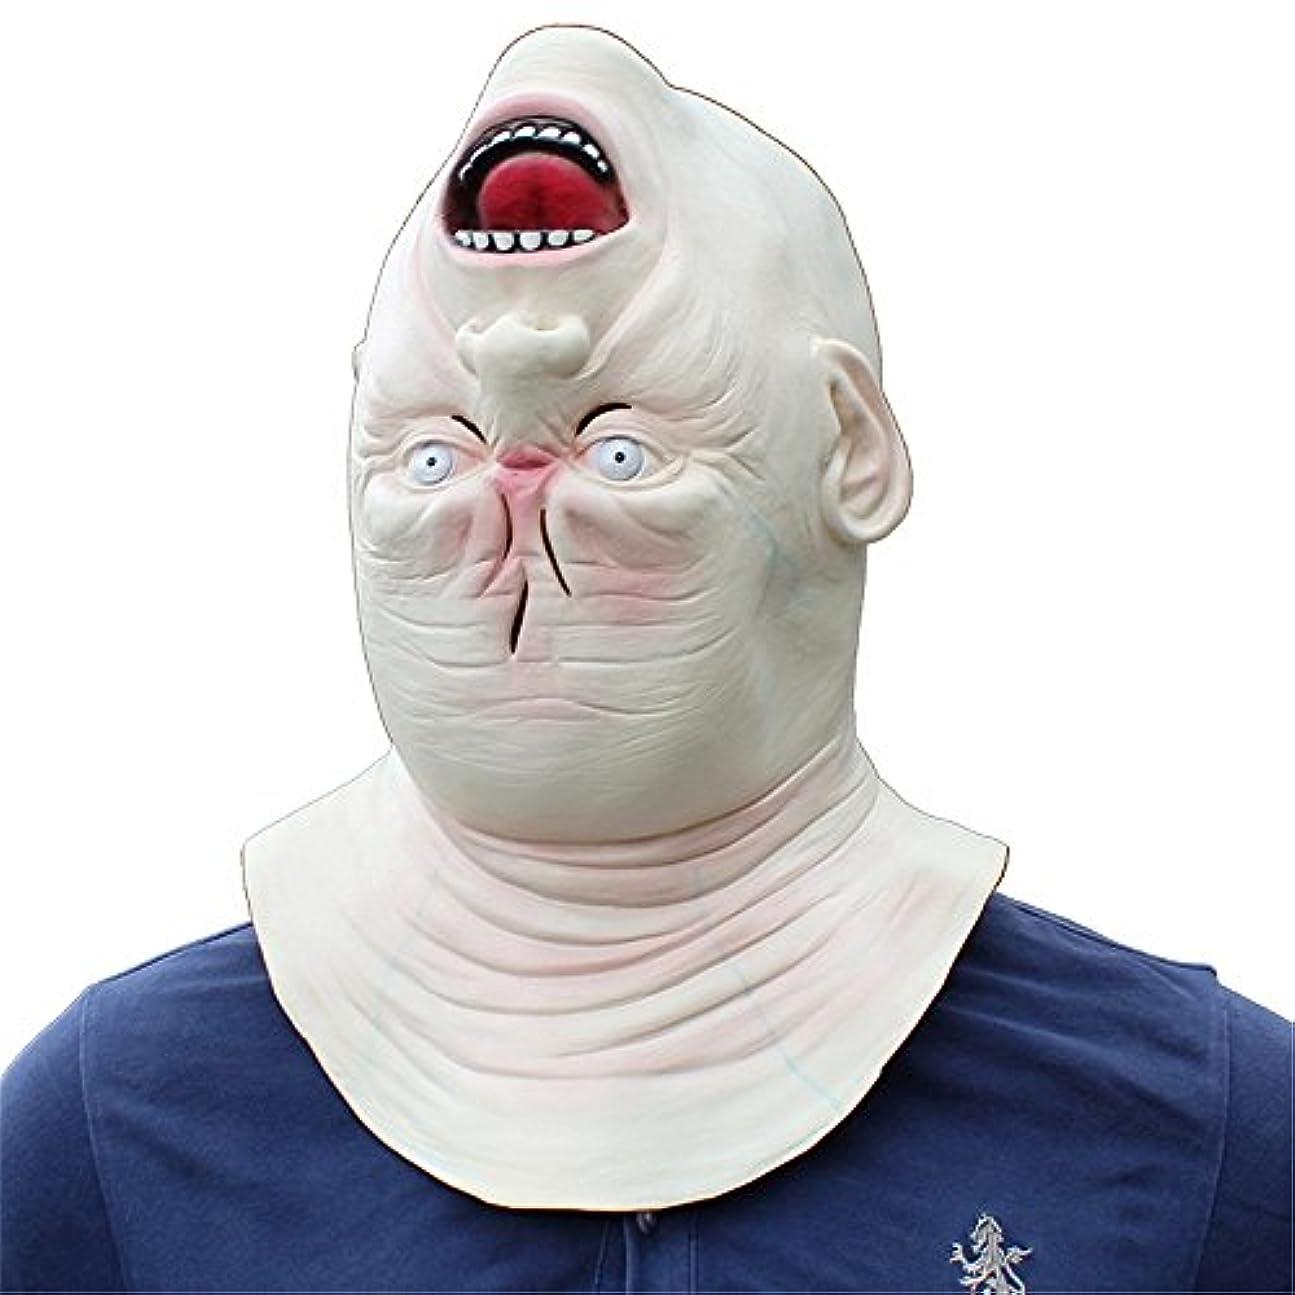 壁紙割る胆嚢ハロウィンホラーラテックスヘッドマスク仮装パーティーおかしい小道具